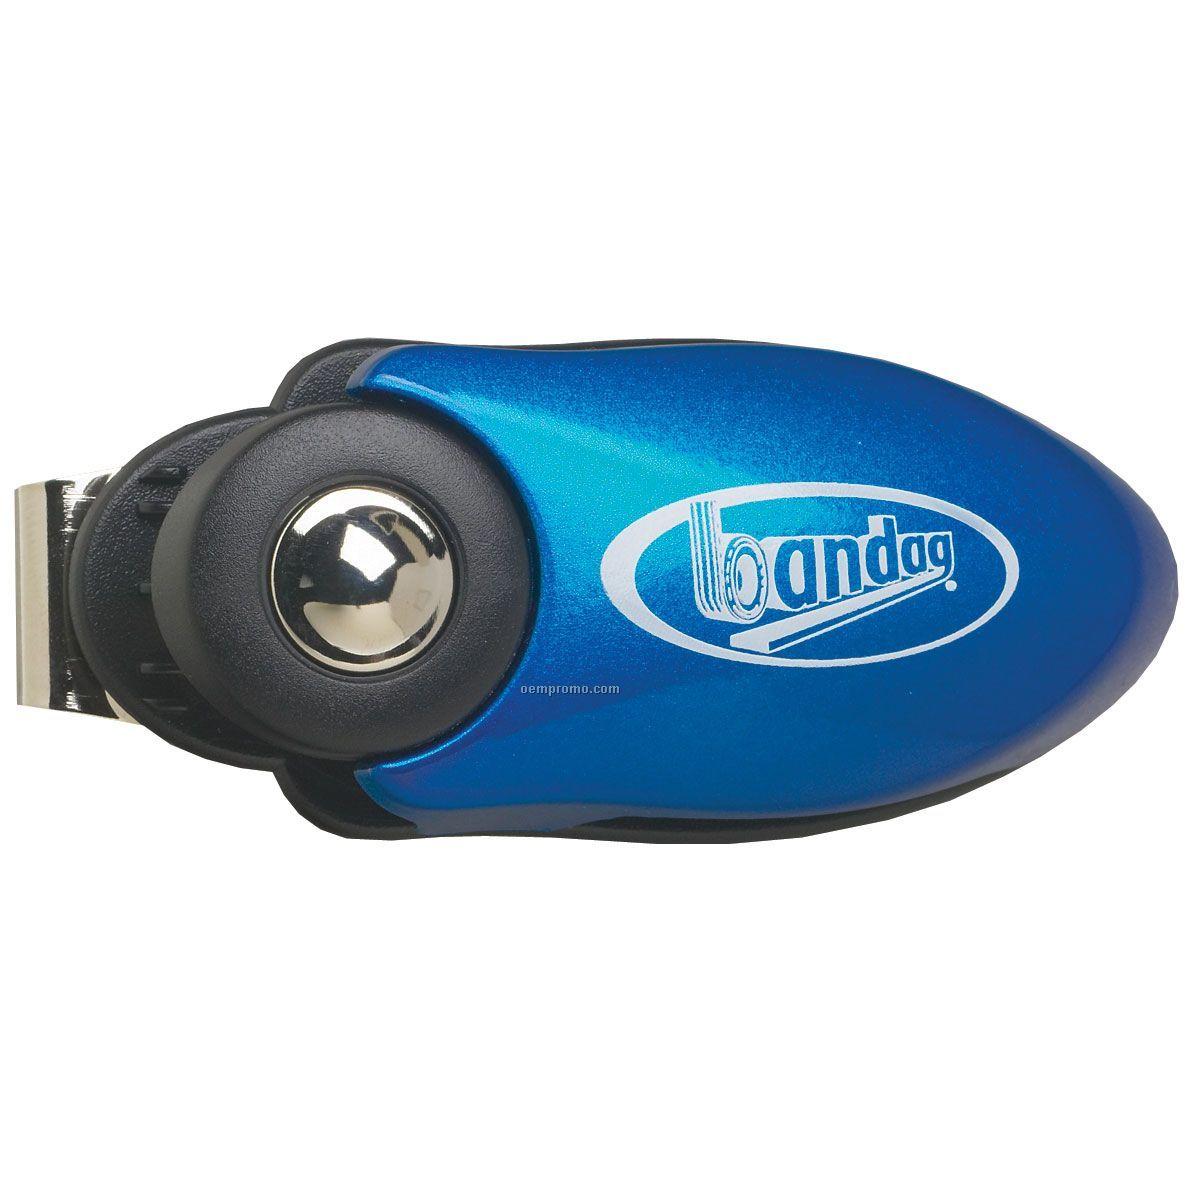 Handiclip III Car Visor Clip & Glasses Holder